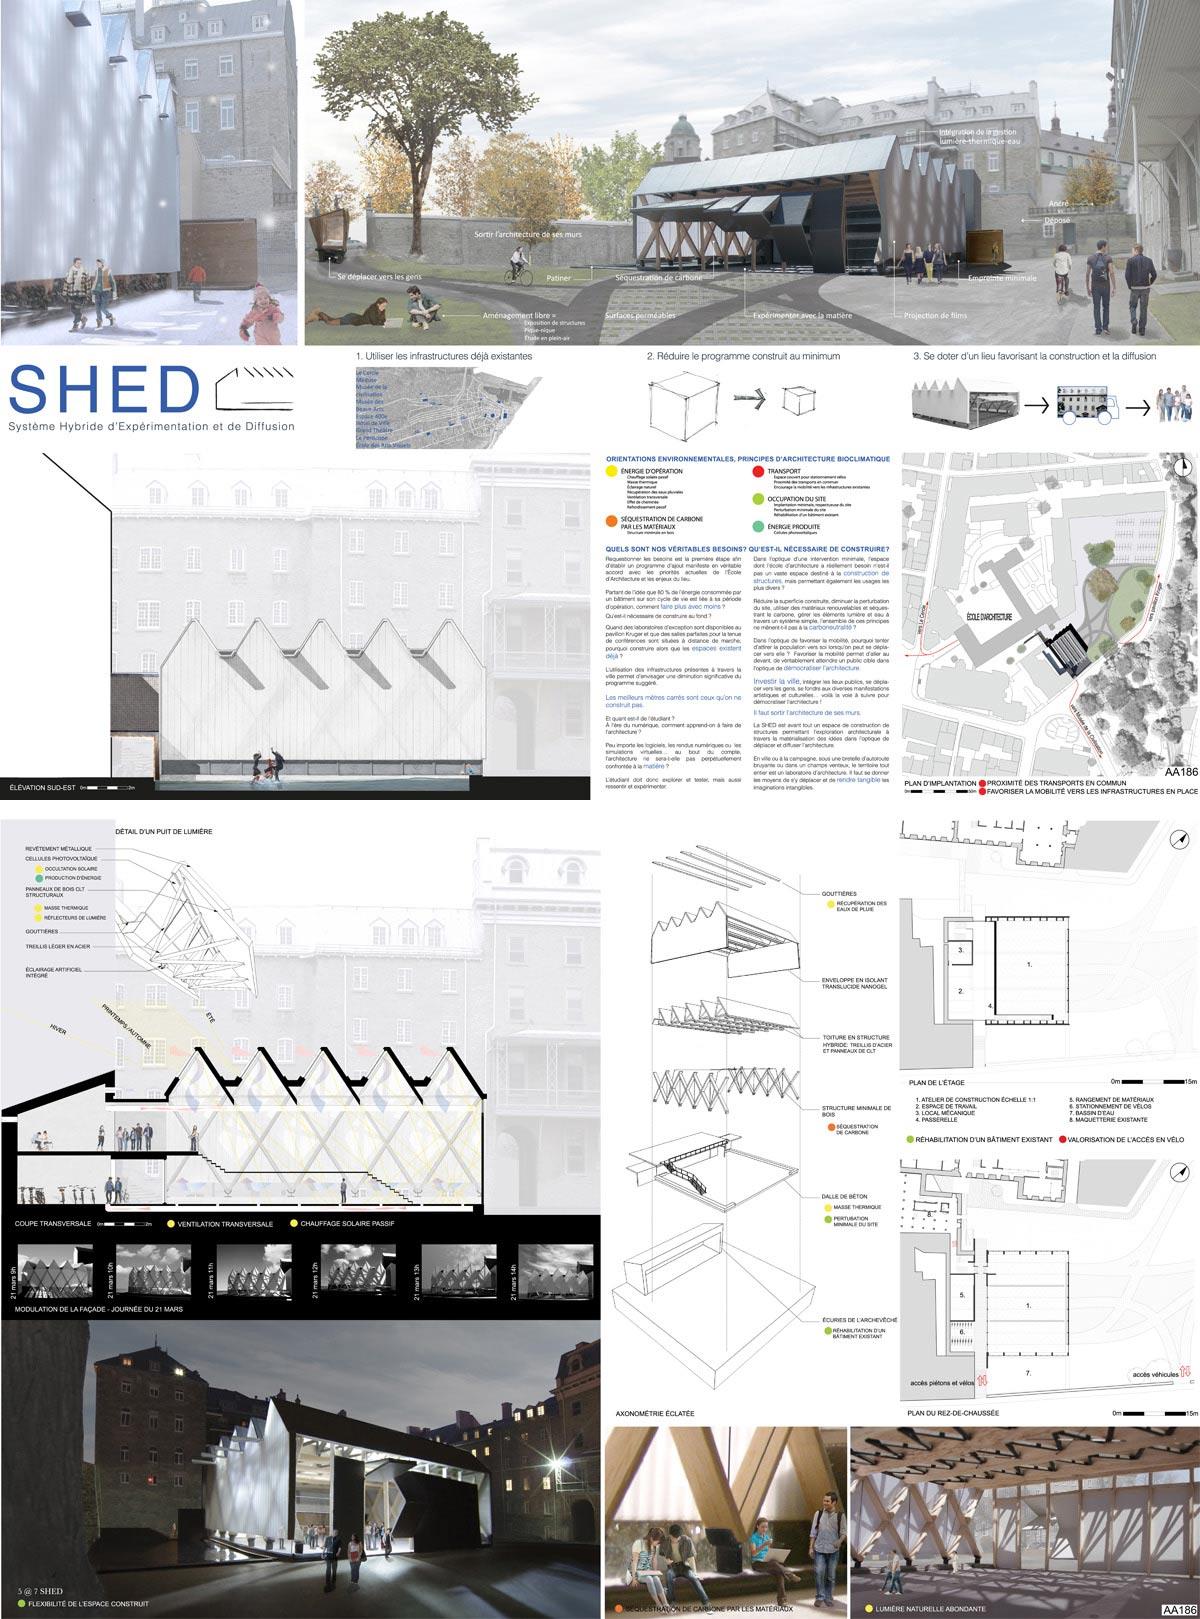 SHED  (Université Laval, Québec, Canada), par 1er prix ex aequo - Catherine Houle, Marianne Lapalme, Vanessa Poirier (Étudiantes)